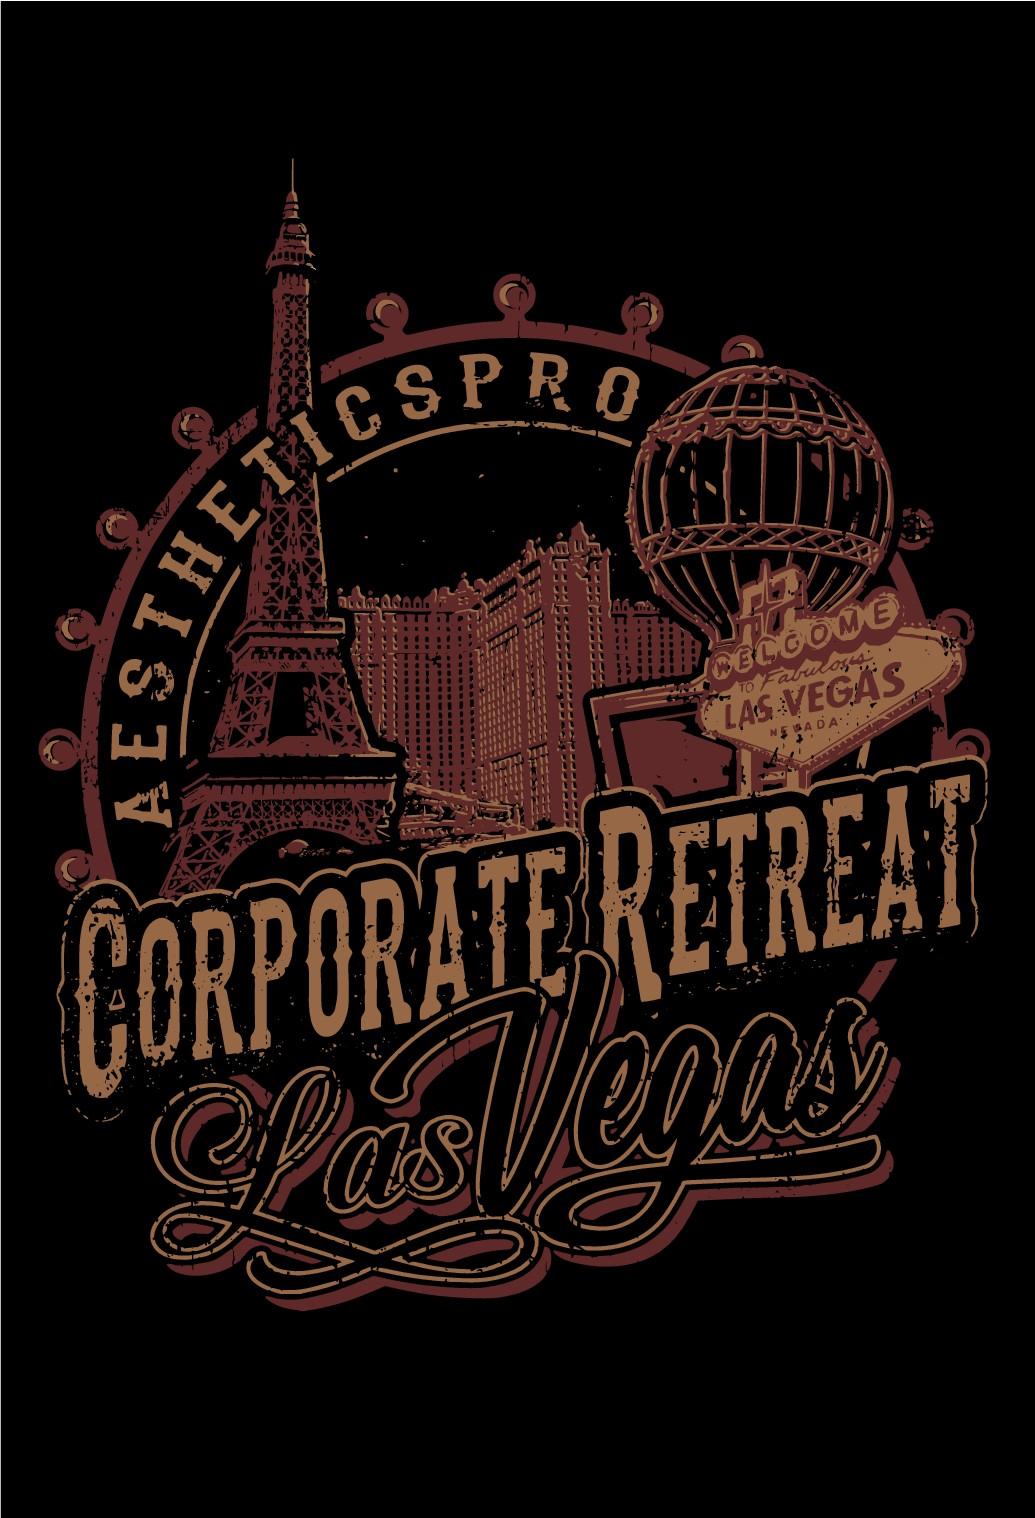 Las Vegas Corporate Retreat T-Shirt